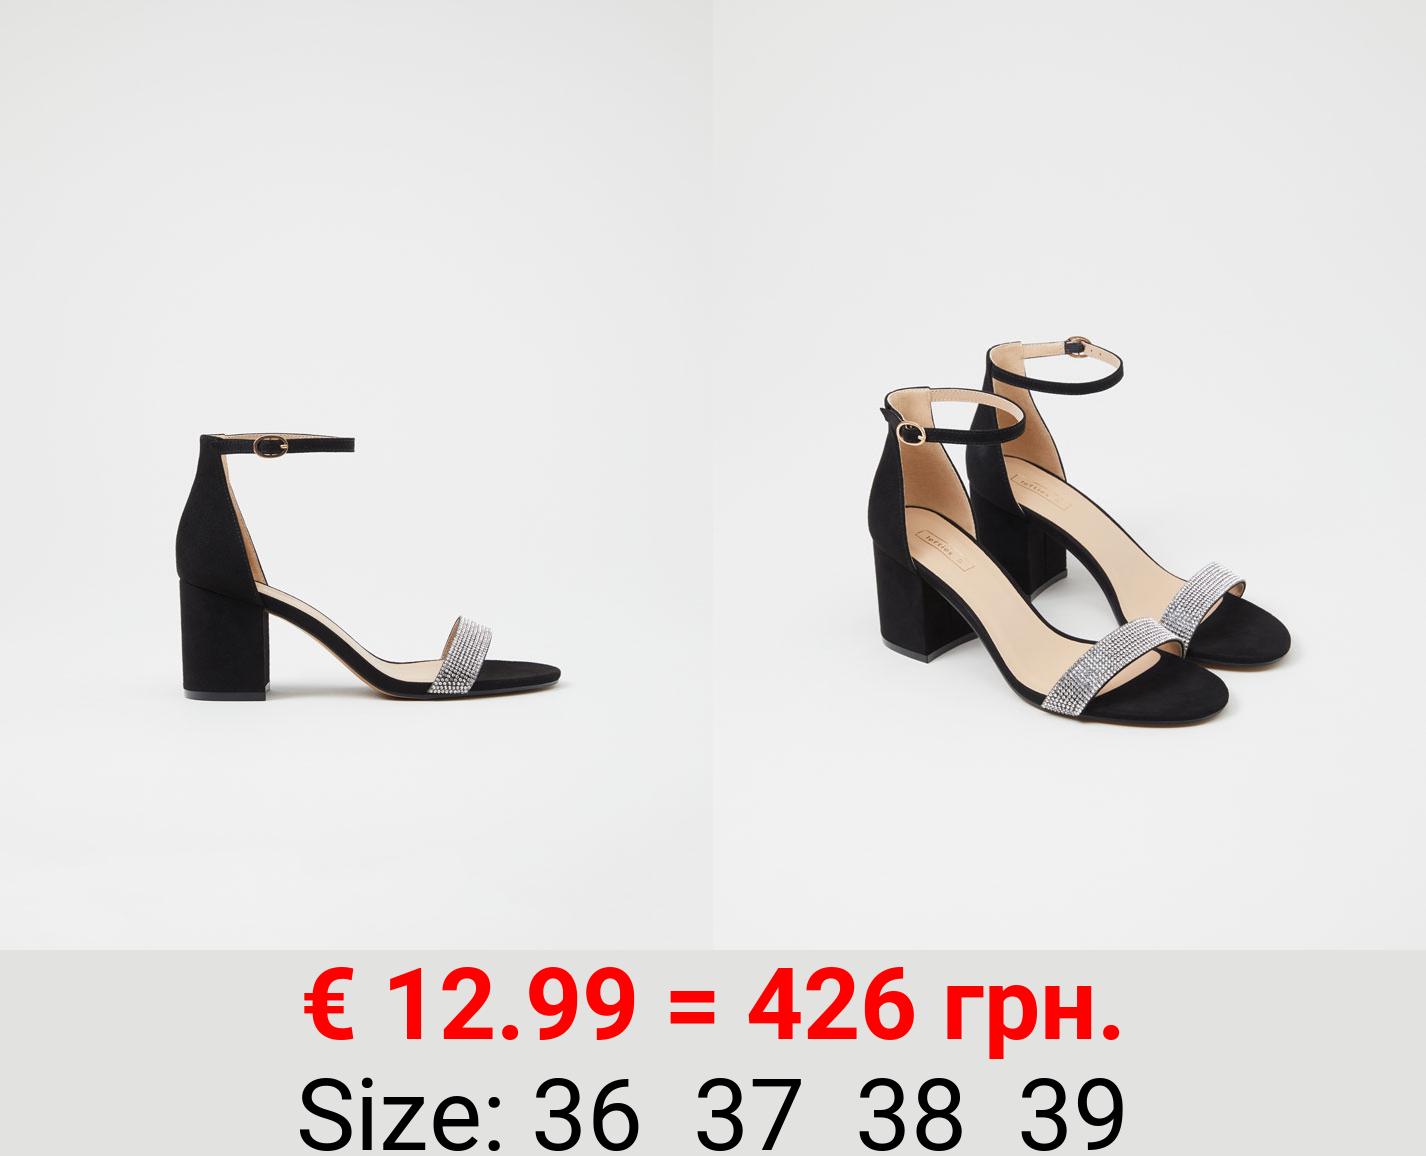 Basic shiny sandals